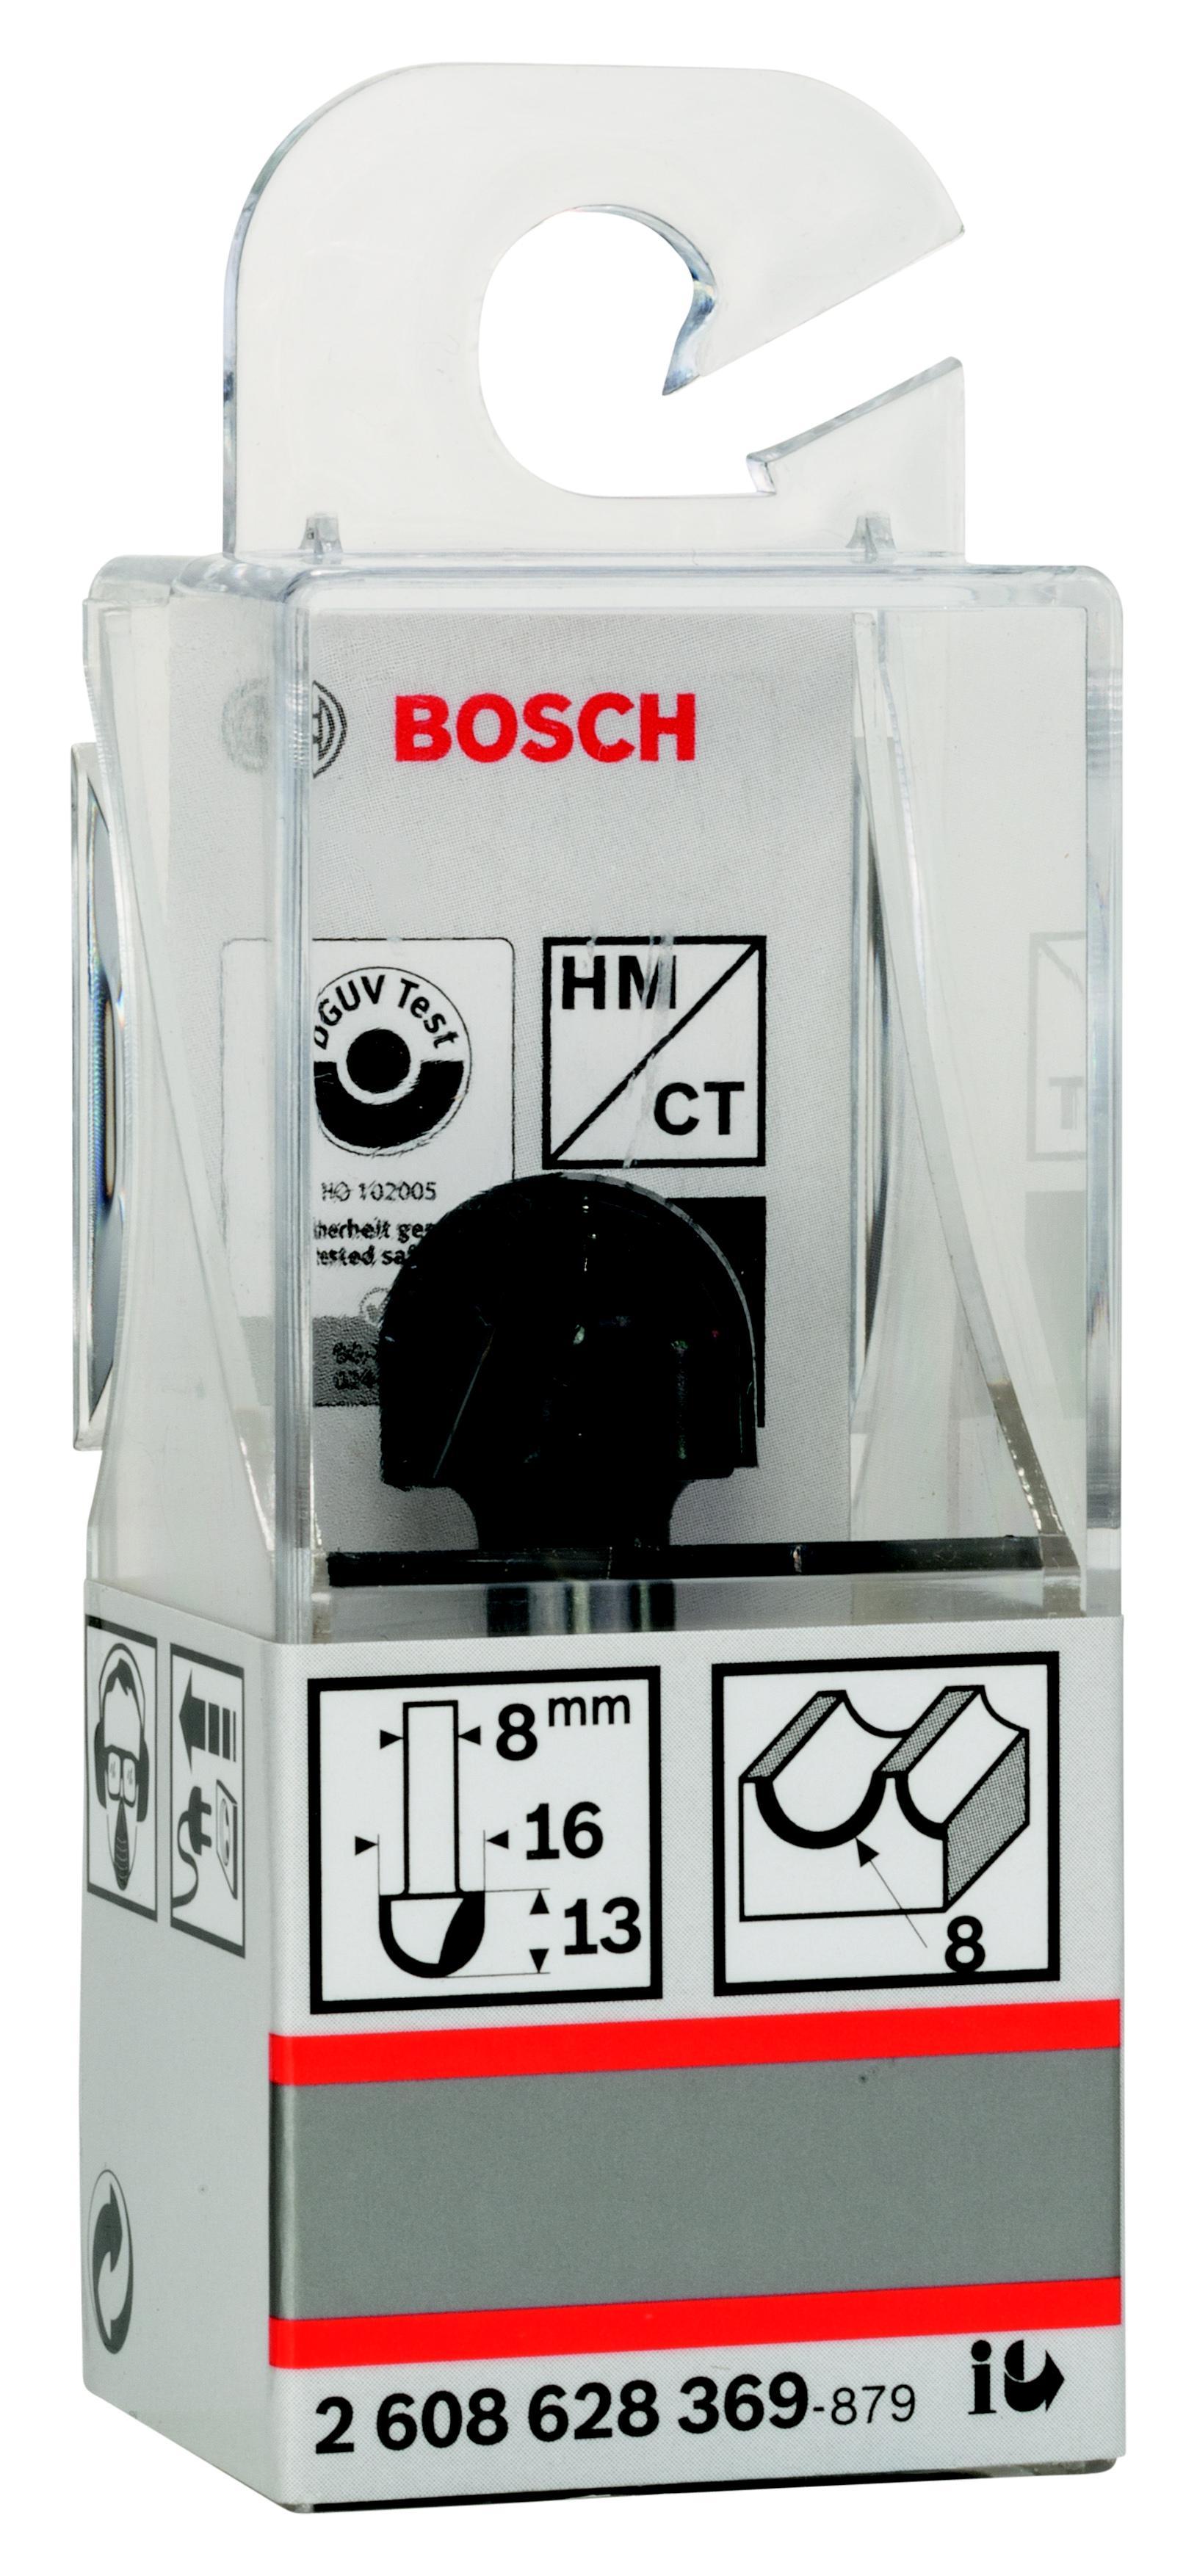 Фреза Bosch галтельная 8/13/8 (2.608.628.369) фреза галтельная bosch 2608628369